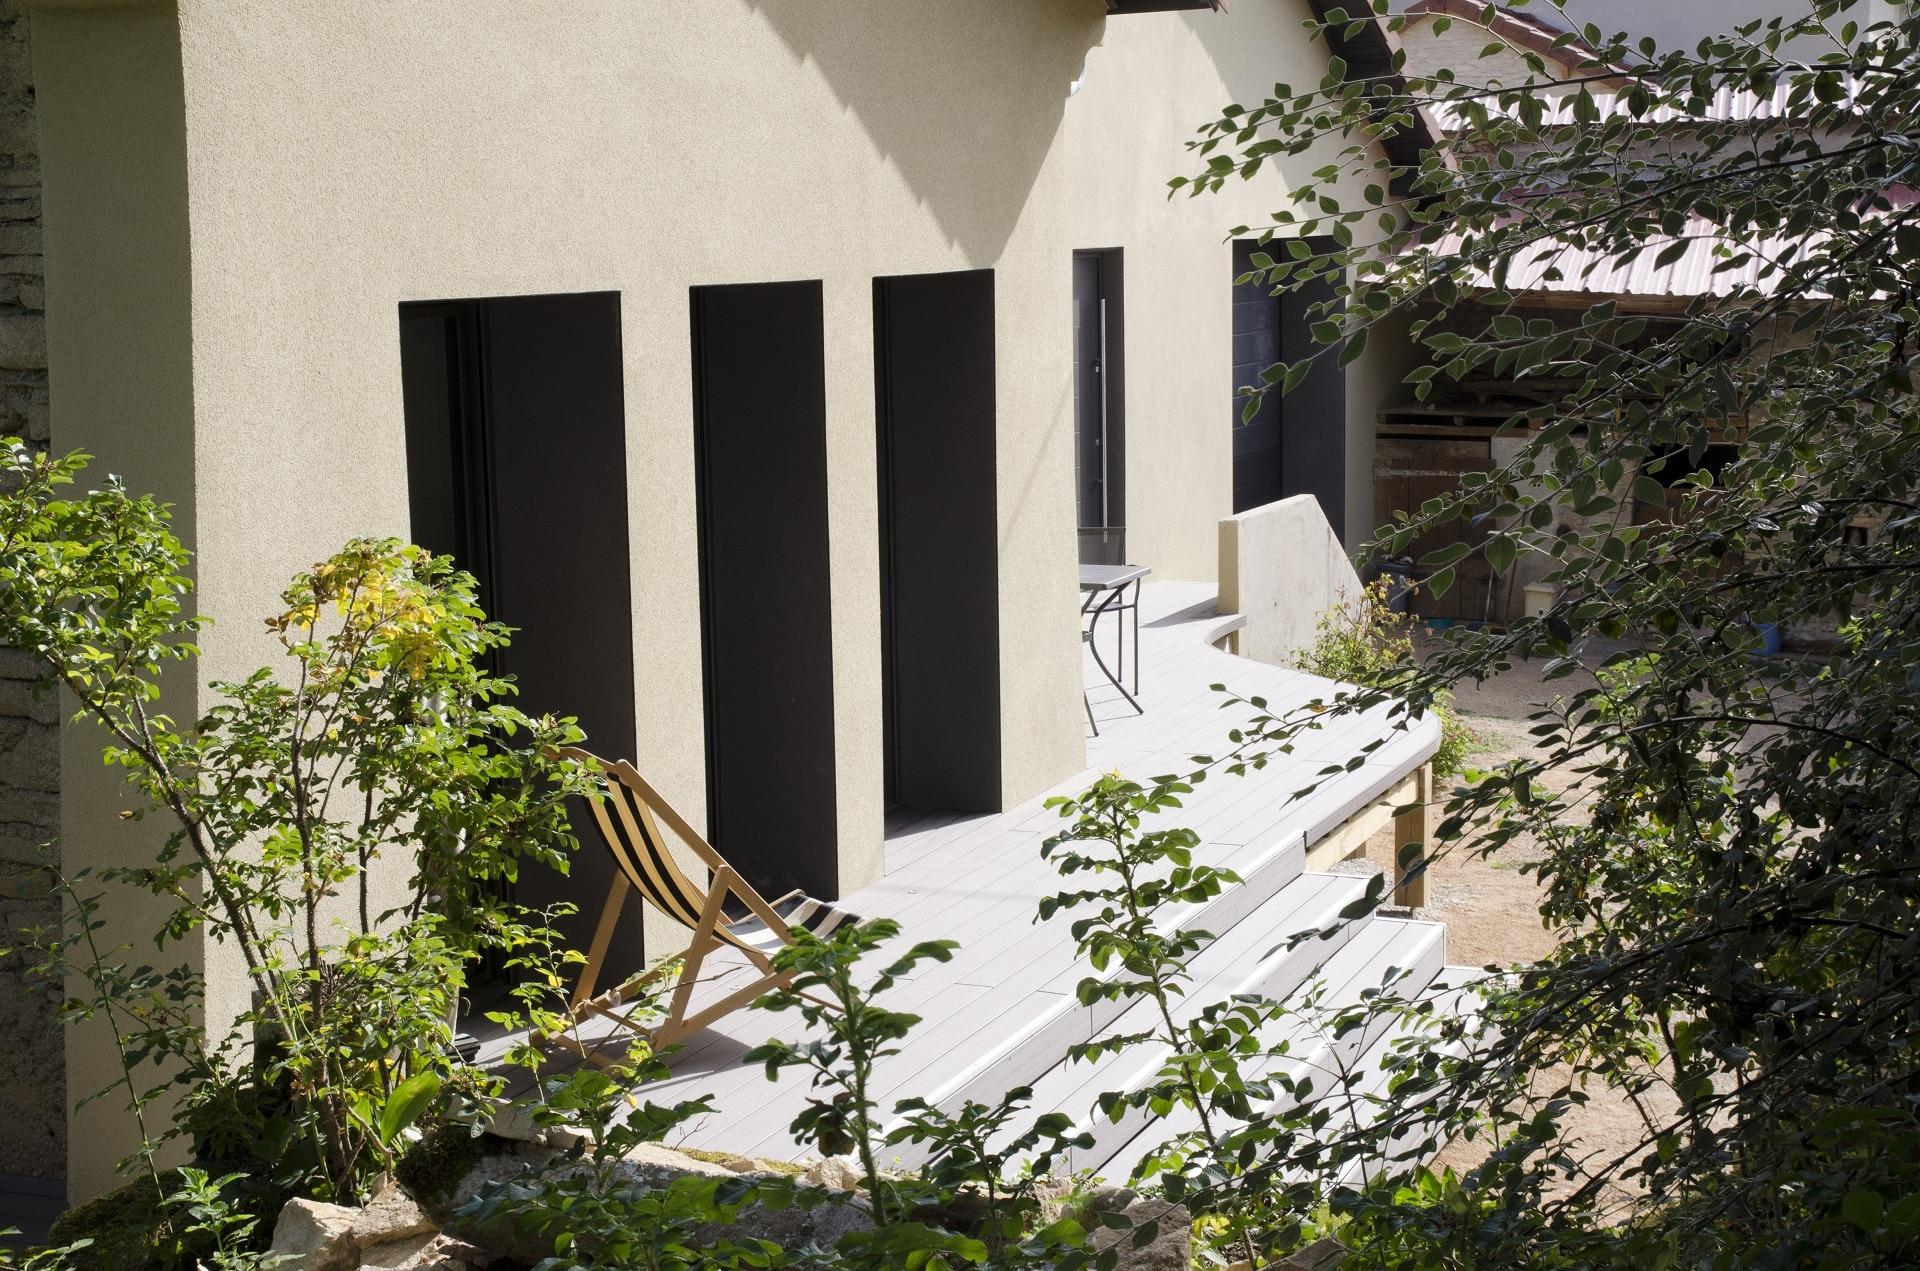 R novation compl te maison bourgoin jaillieu guillot p2a for Renovation complete maison